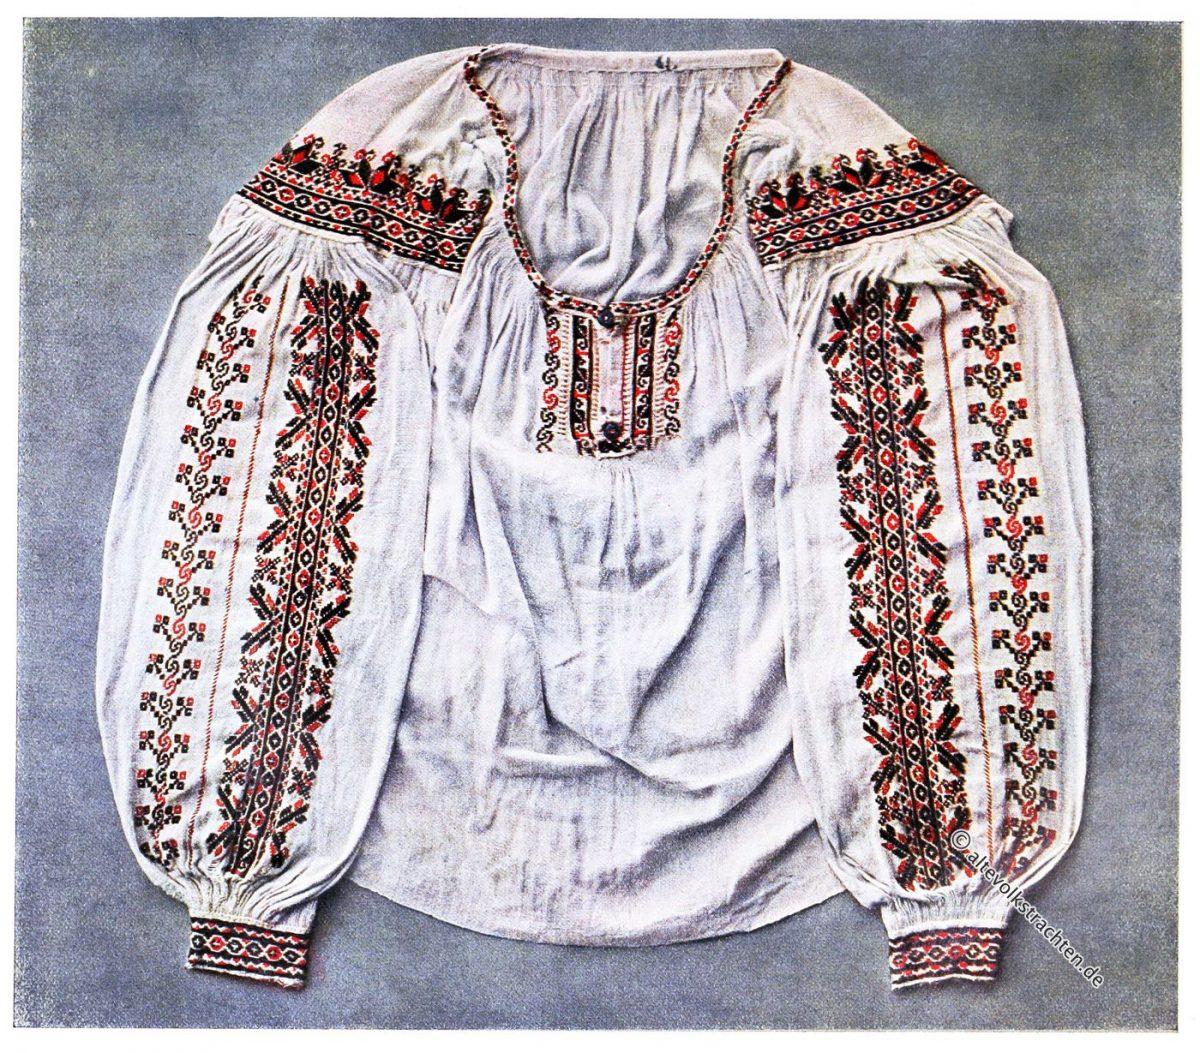 Ältere Art von Frauenbluse, verziert mit Baumwollkreuzen aus Poroshkovo, Ukraine.